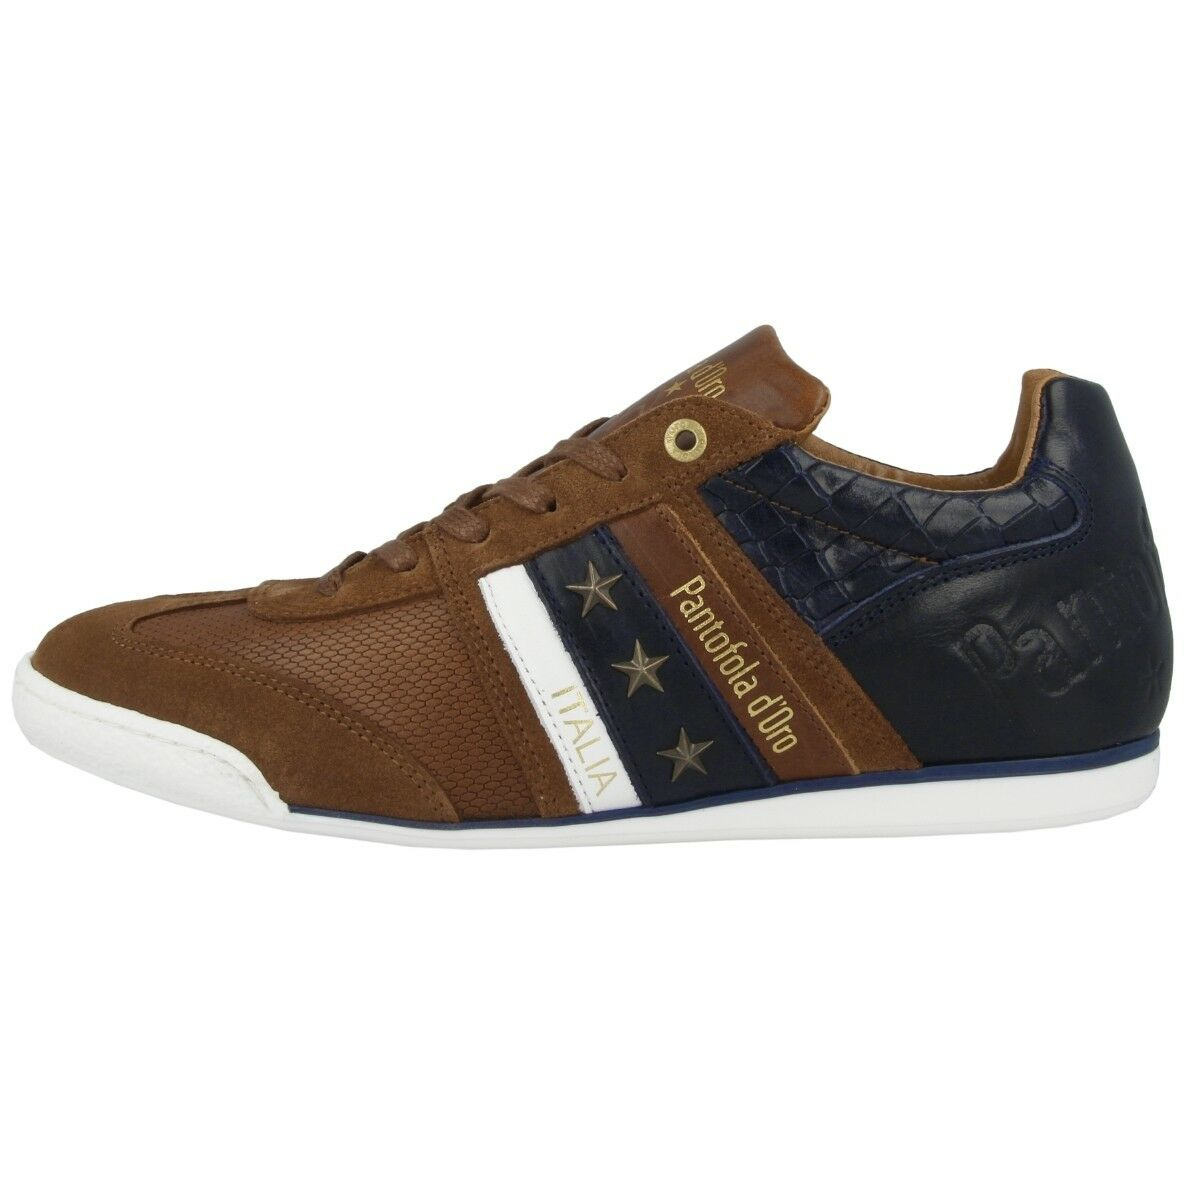 Pantofola D gold Imola Crocco men Low Ascoli shoes Sneaker Shell 10191029.JCU